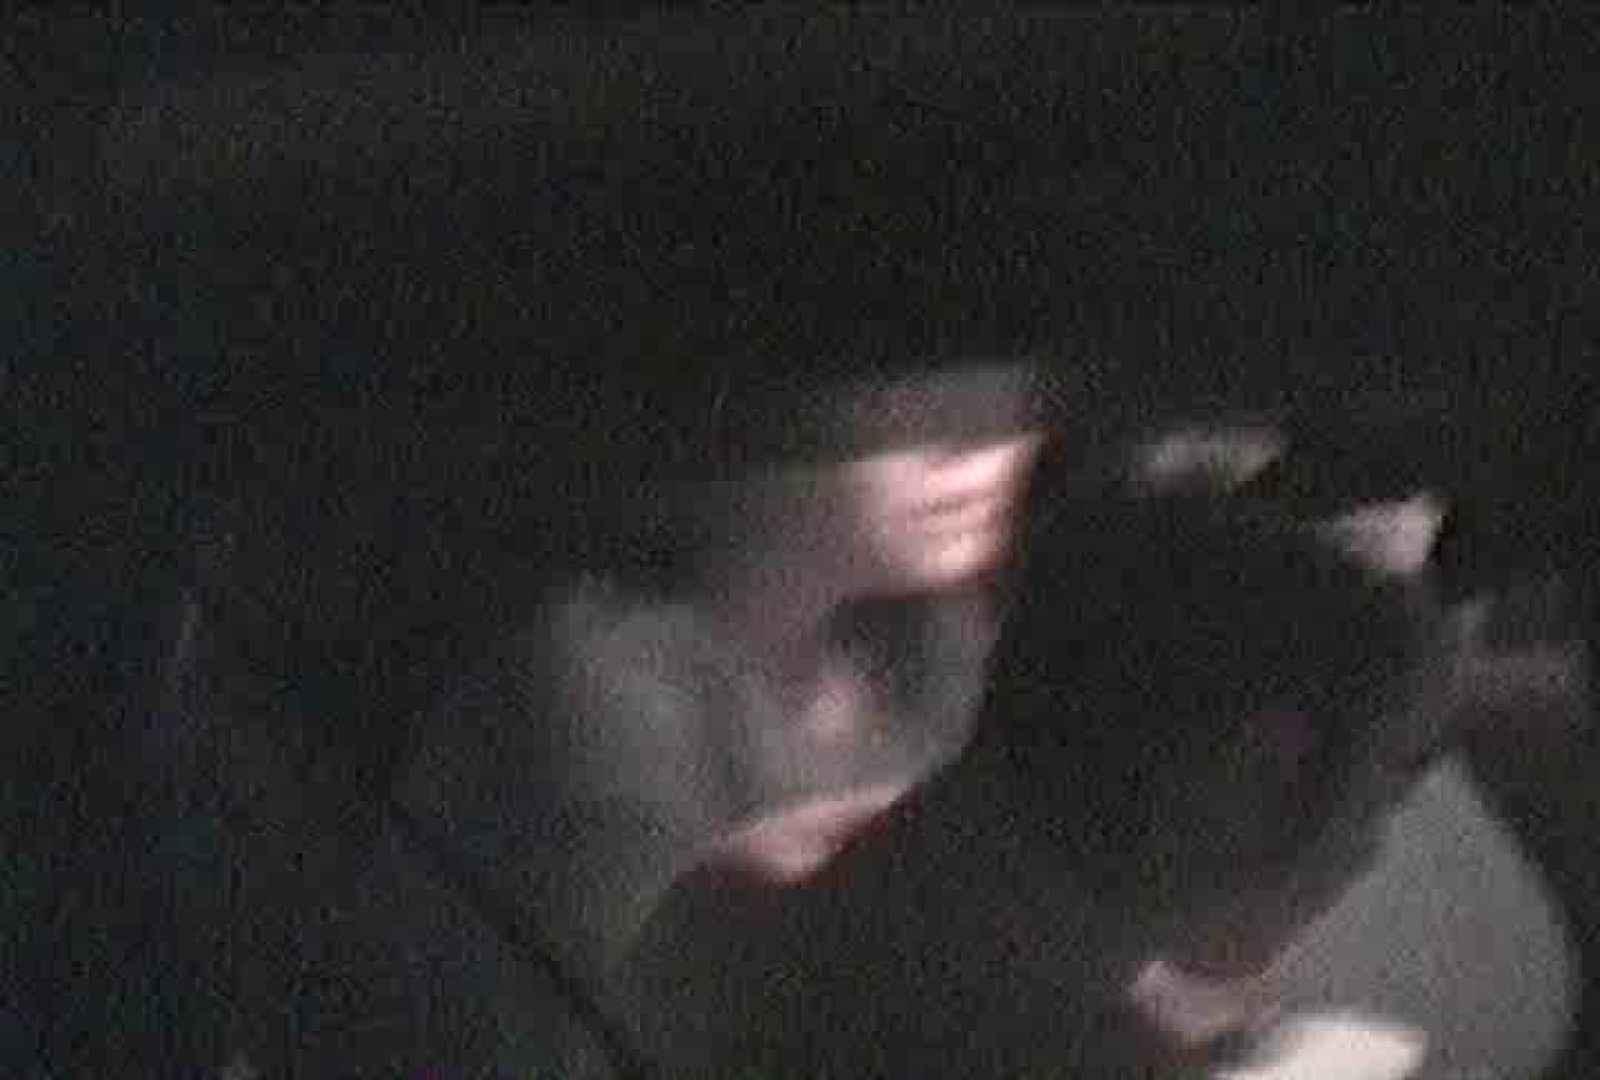 充血監督の深夜の運動会Vol.96 エロティックなOL オマンコ動画キャプチャ 106画像 22